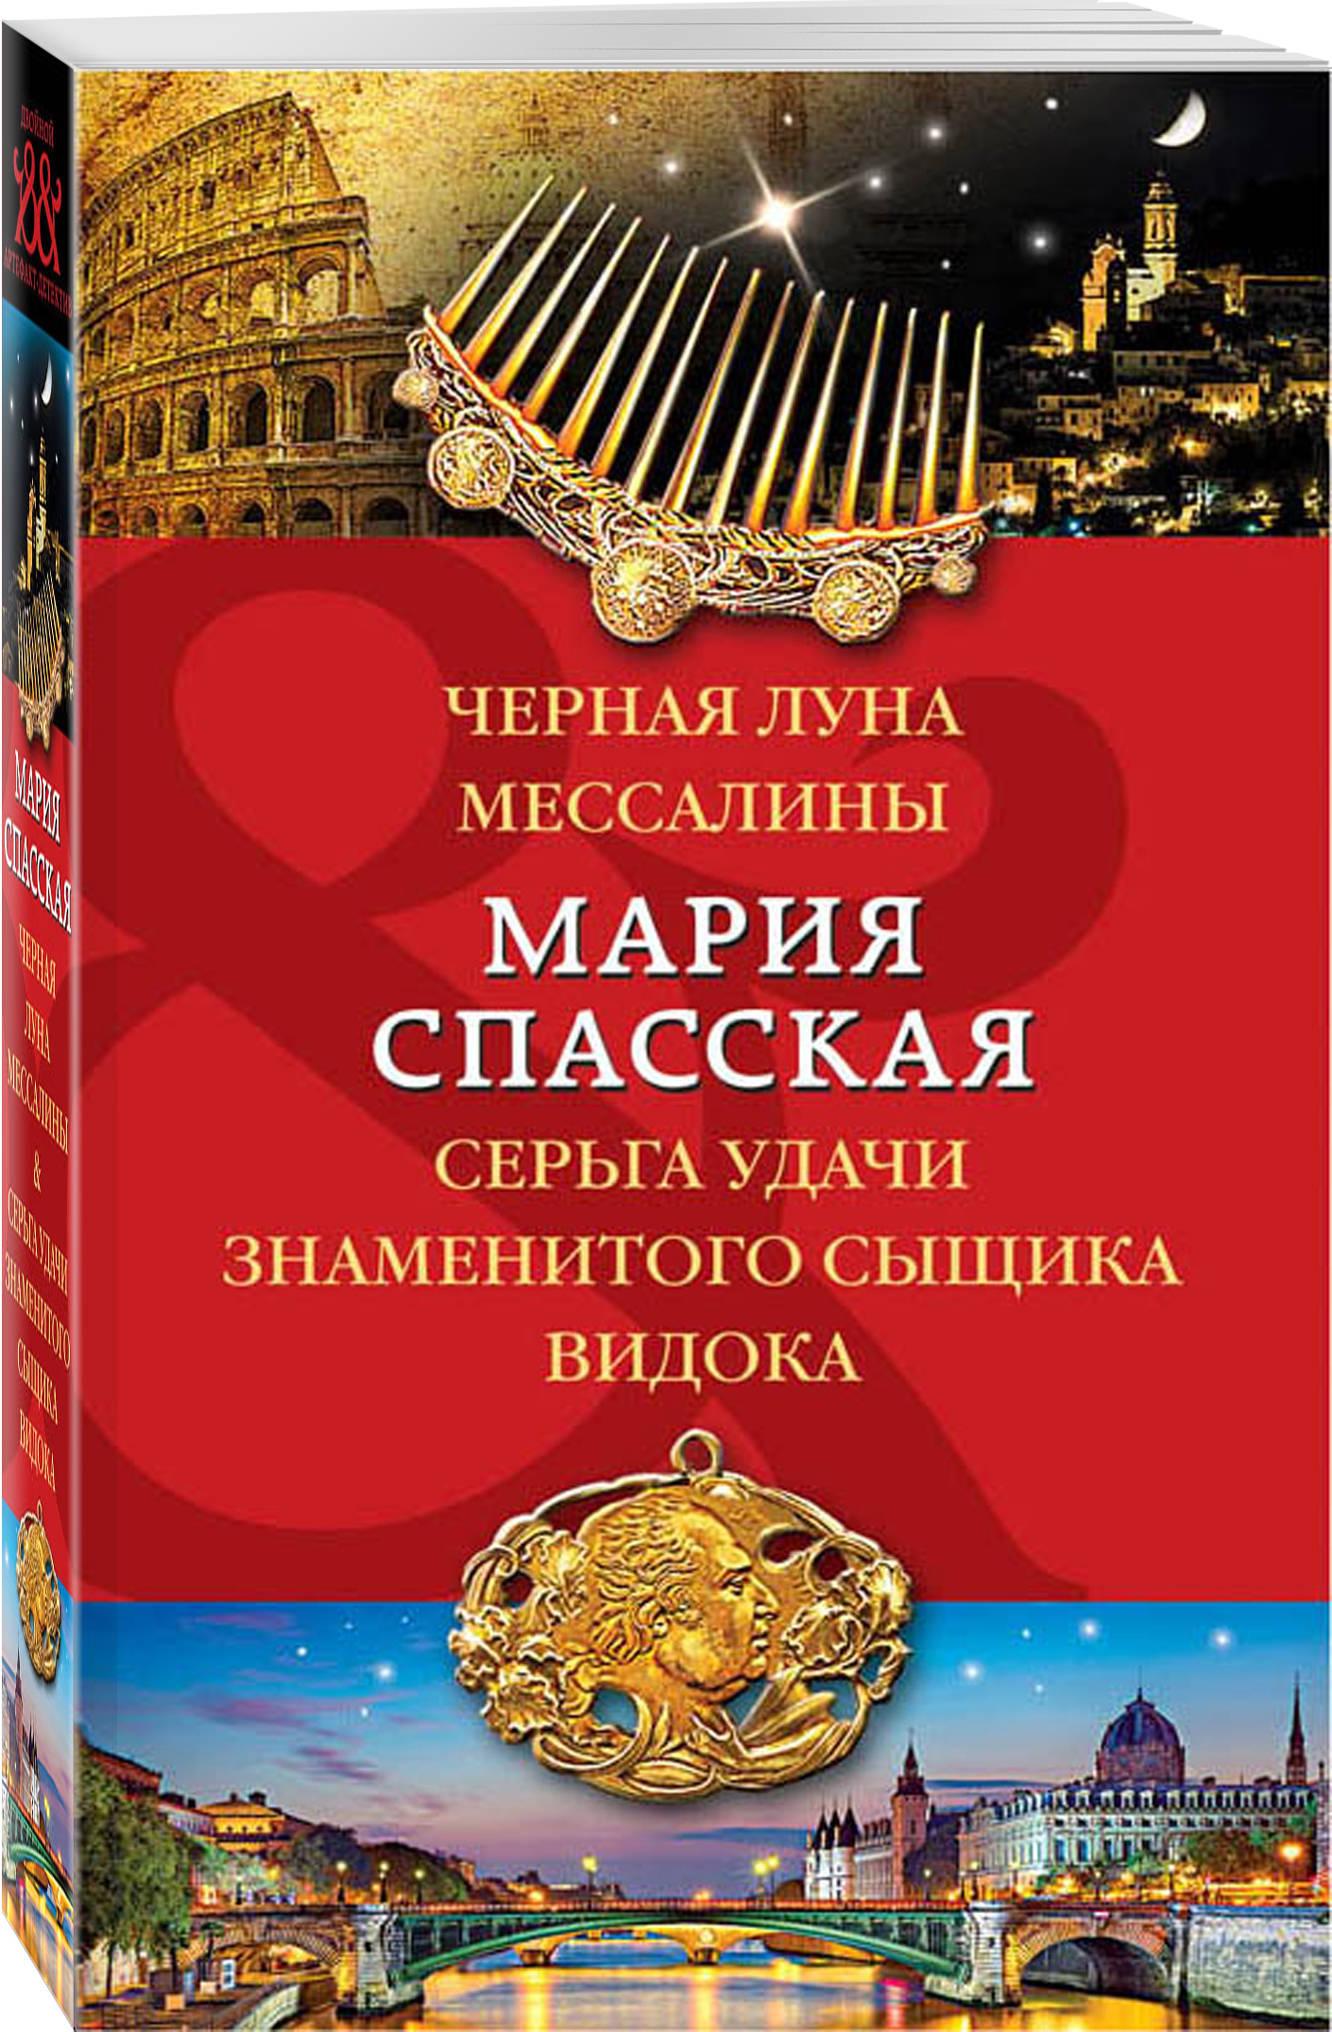 Мария Спасская Черная луна Мессалины. Серьга удачи знаменитого сыщика Видока